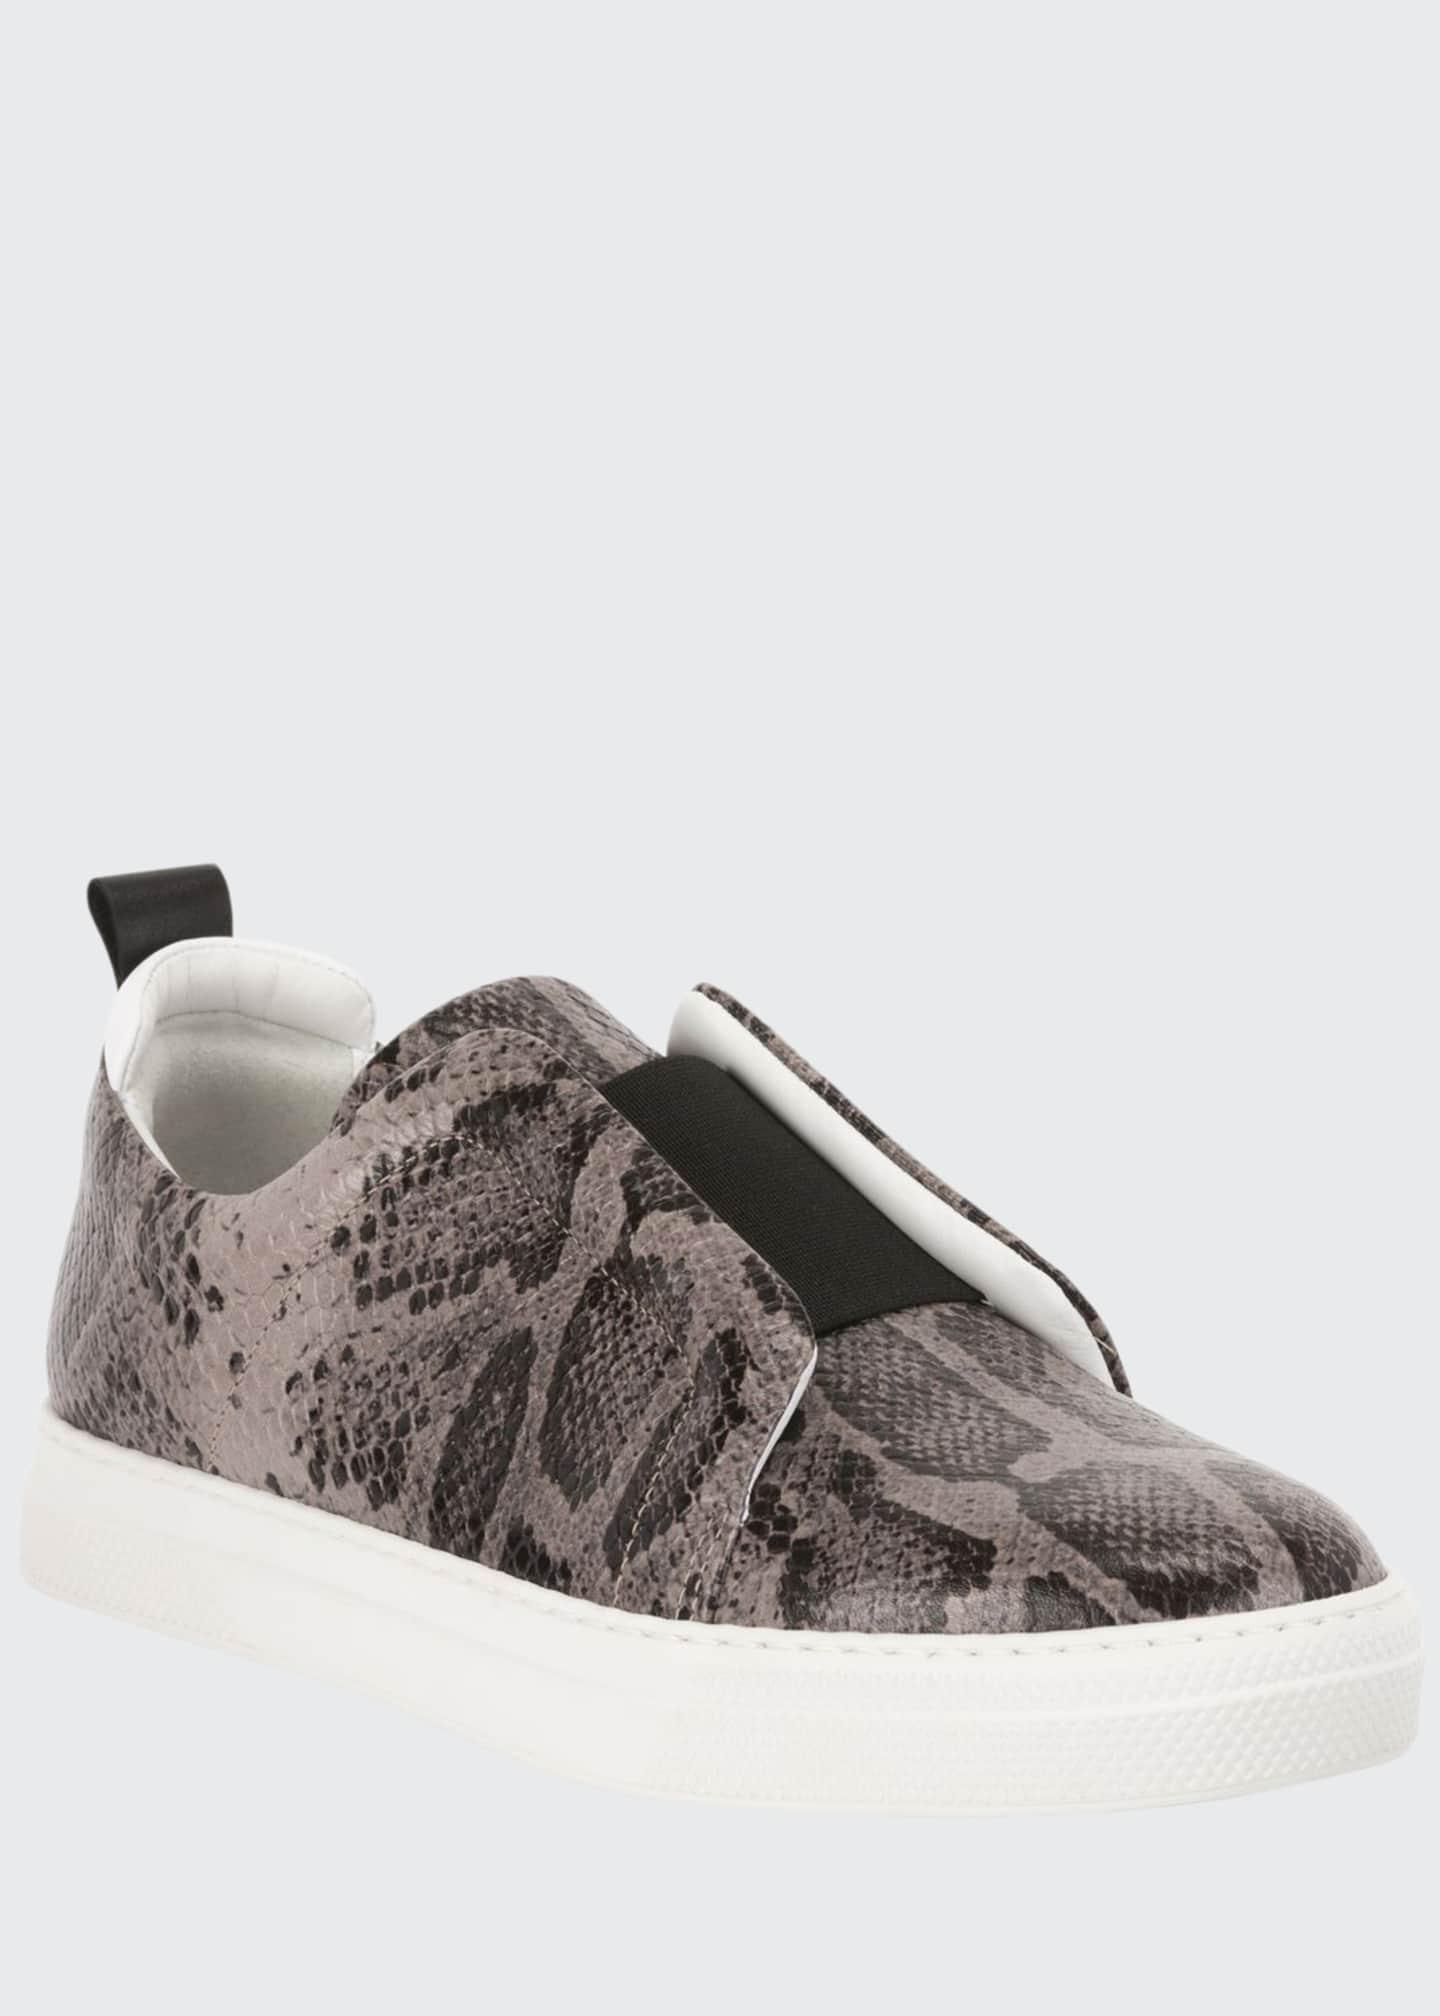 Pierre Hardy Slider Suede Slip-On Low-Top Sneakers